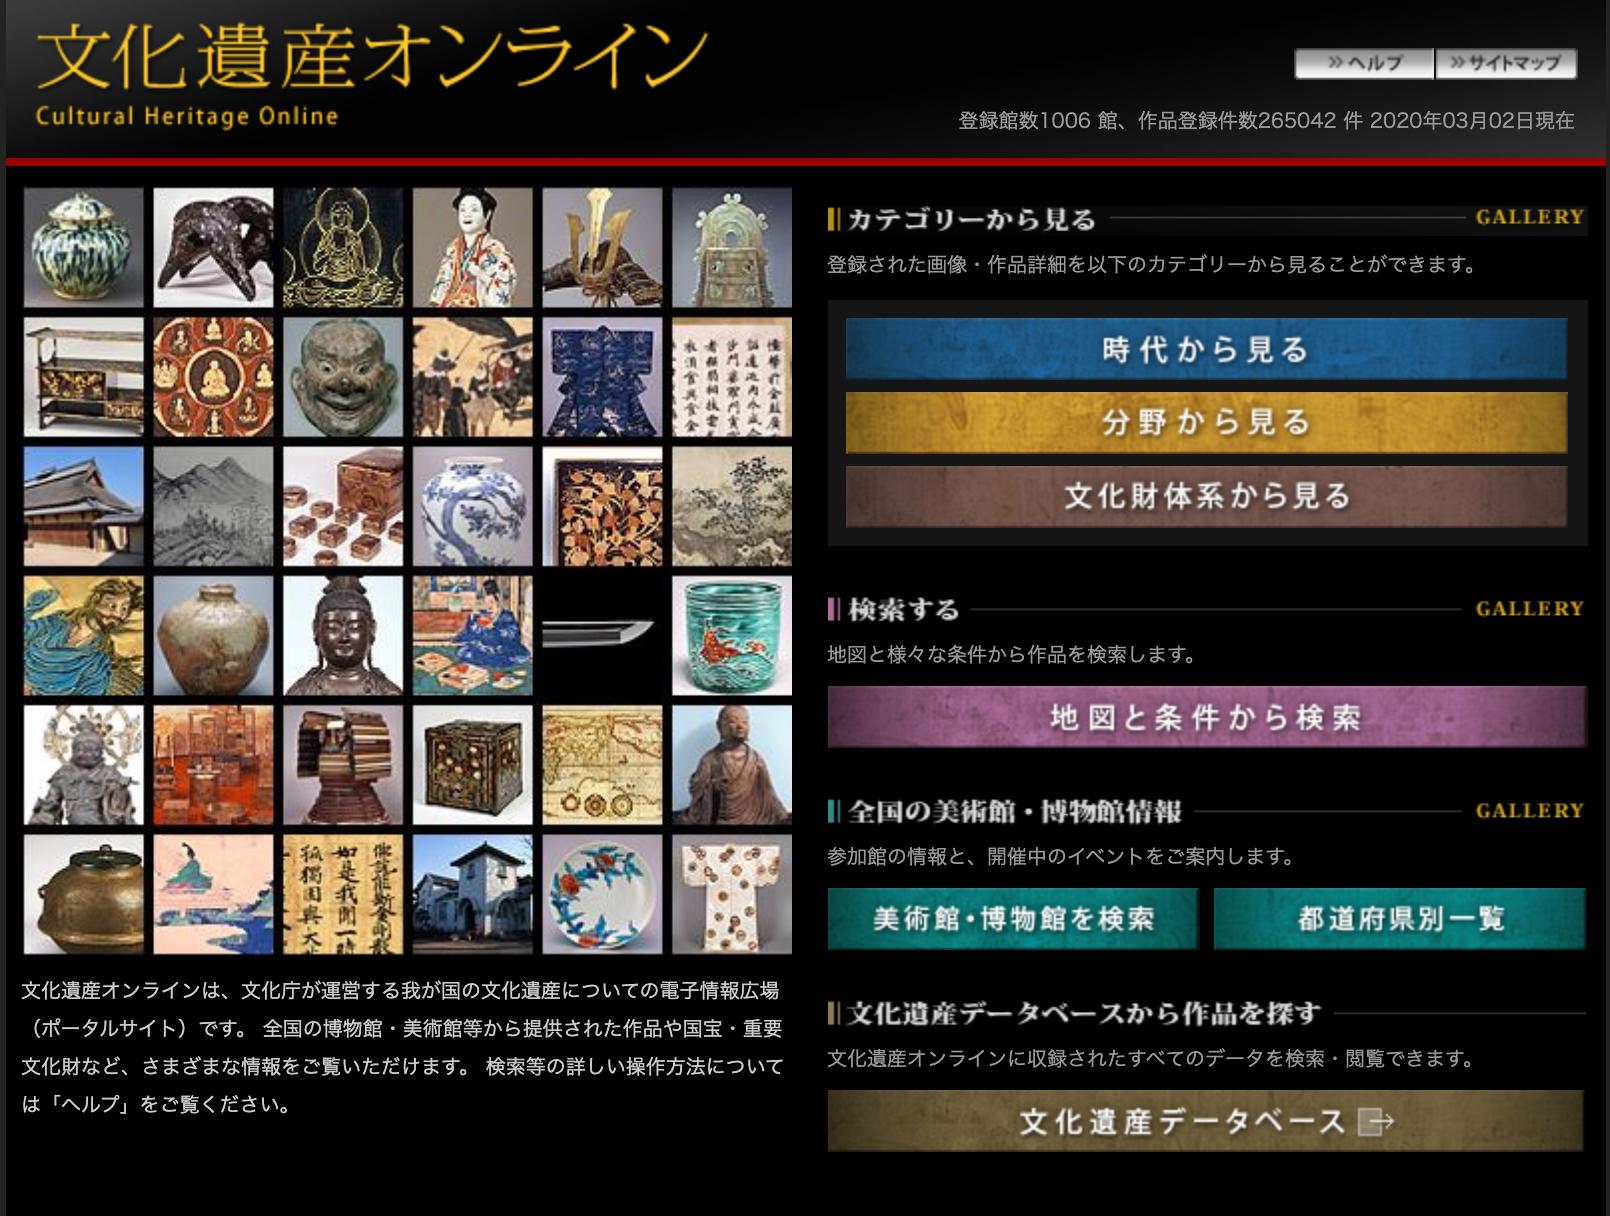 文化遺産オンライン(文化庁)